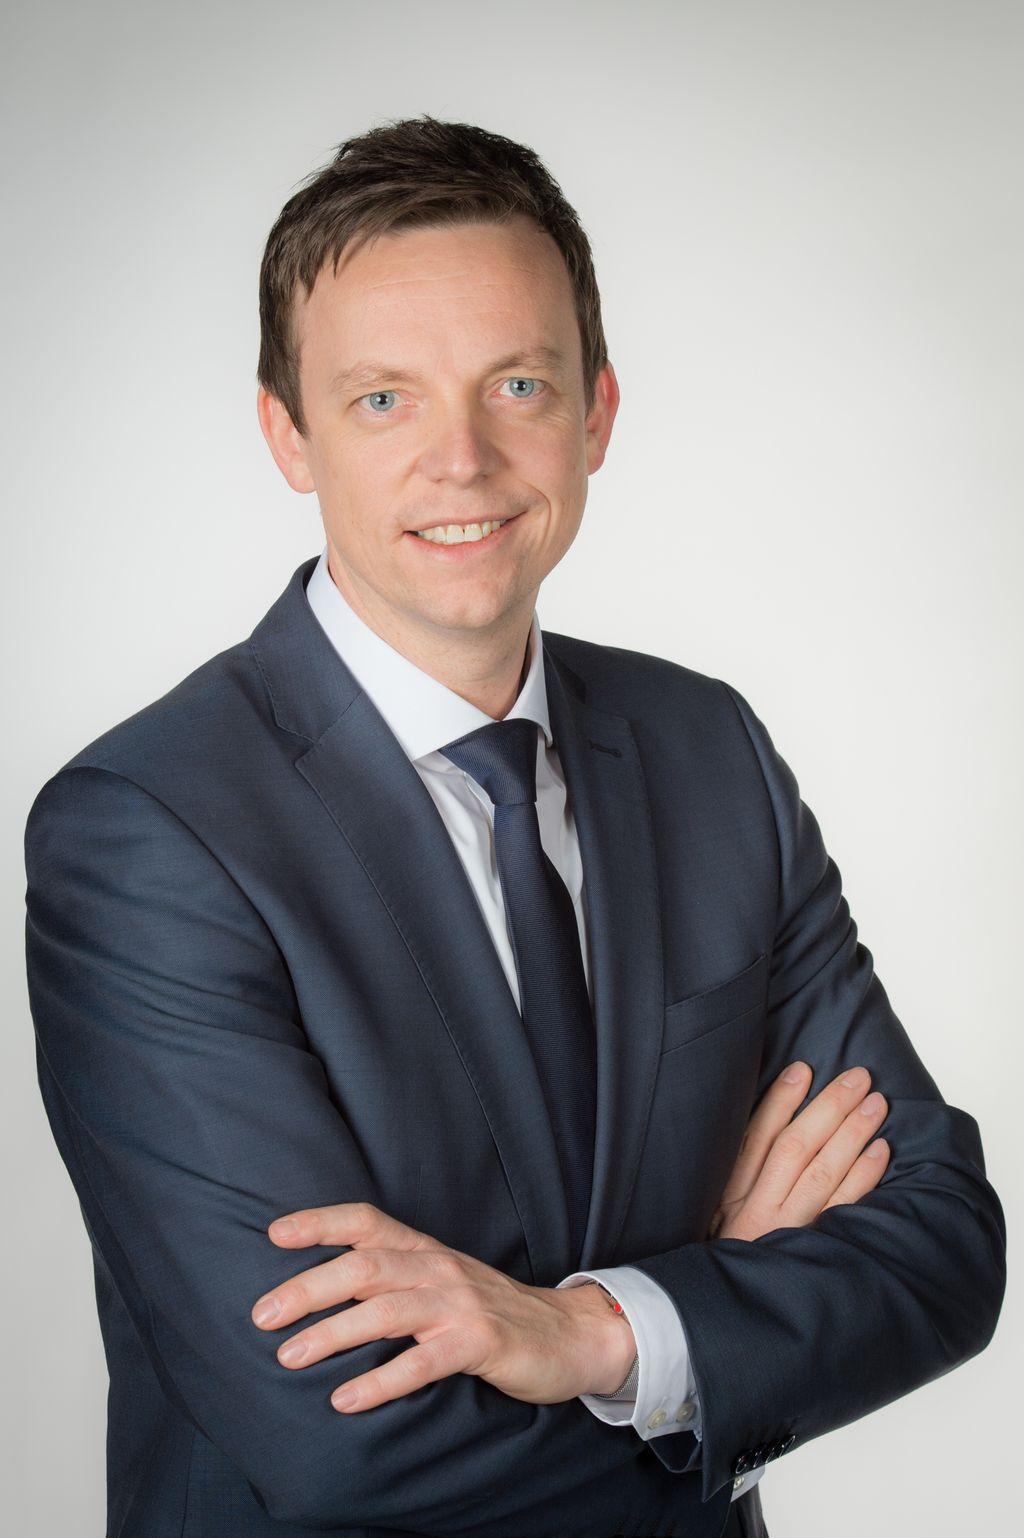 MP-Tobias-Hans-klein